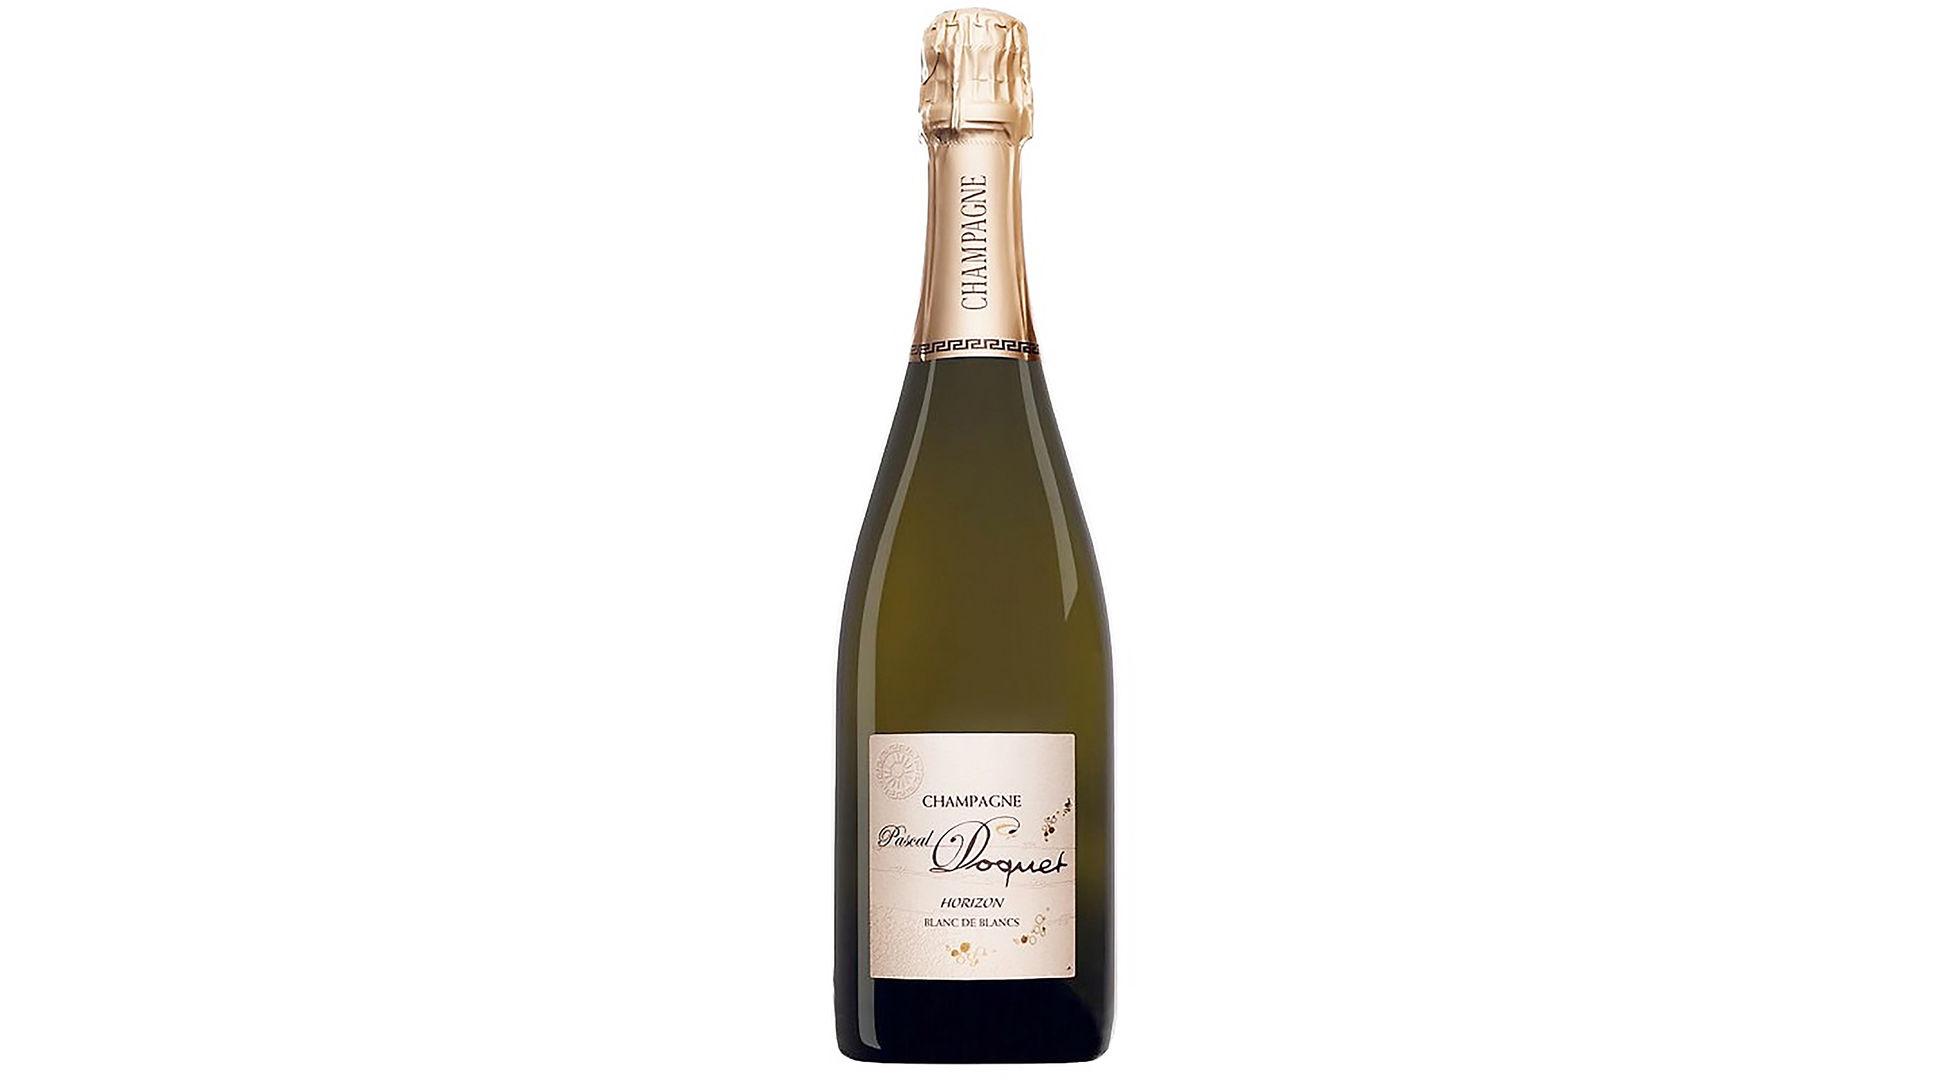 Champagne Doquet